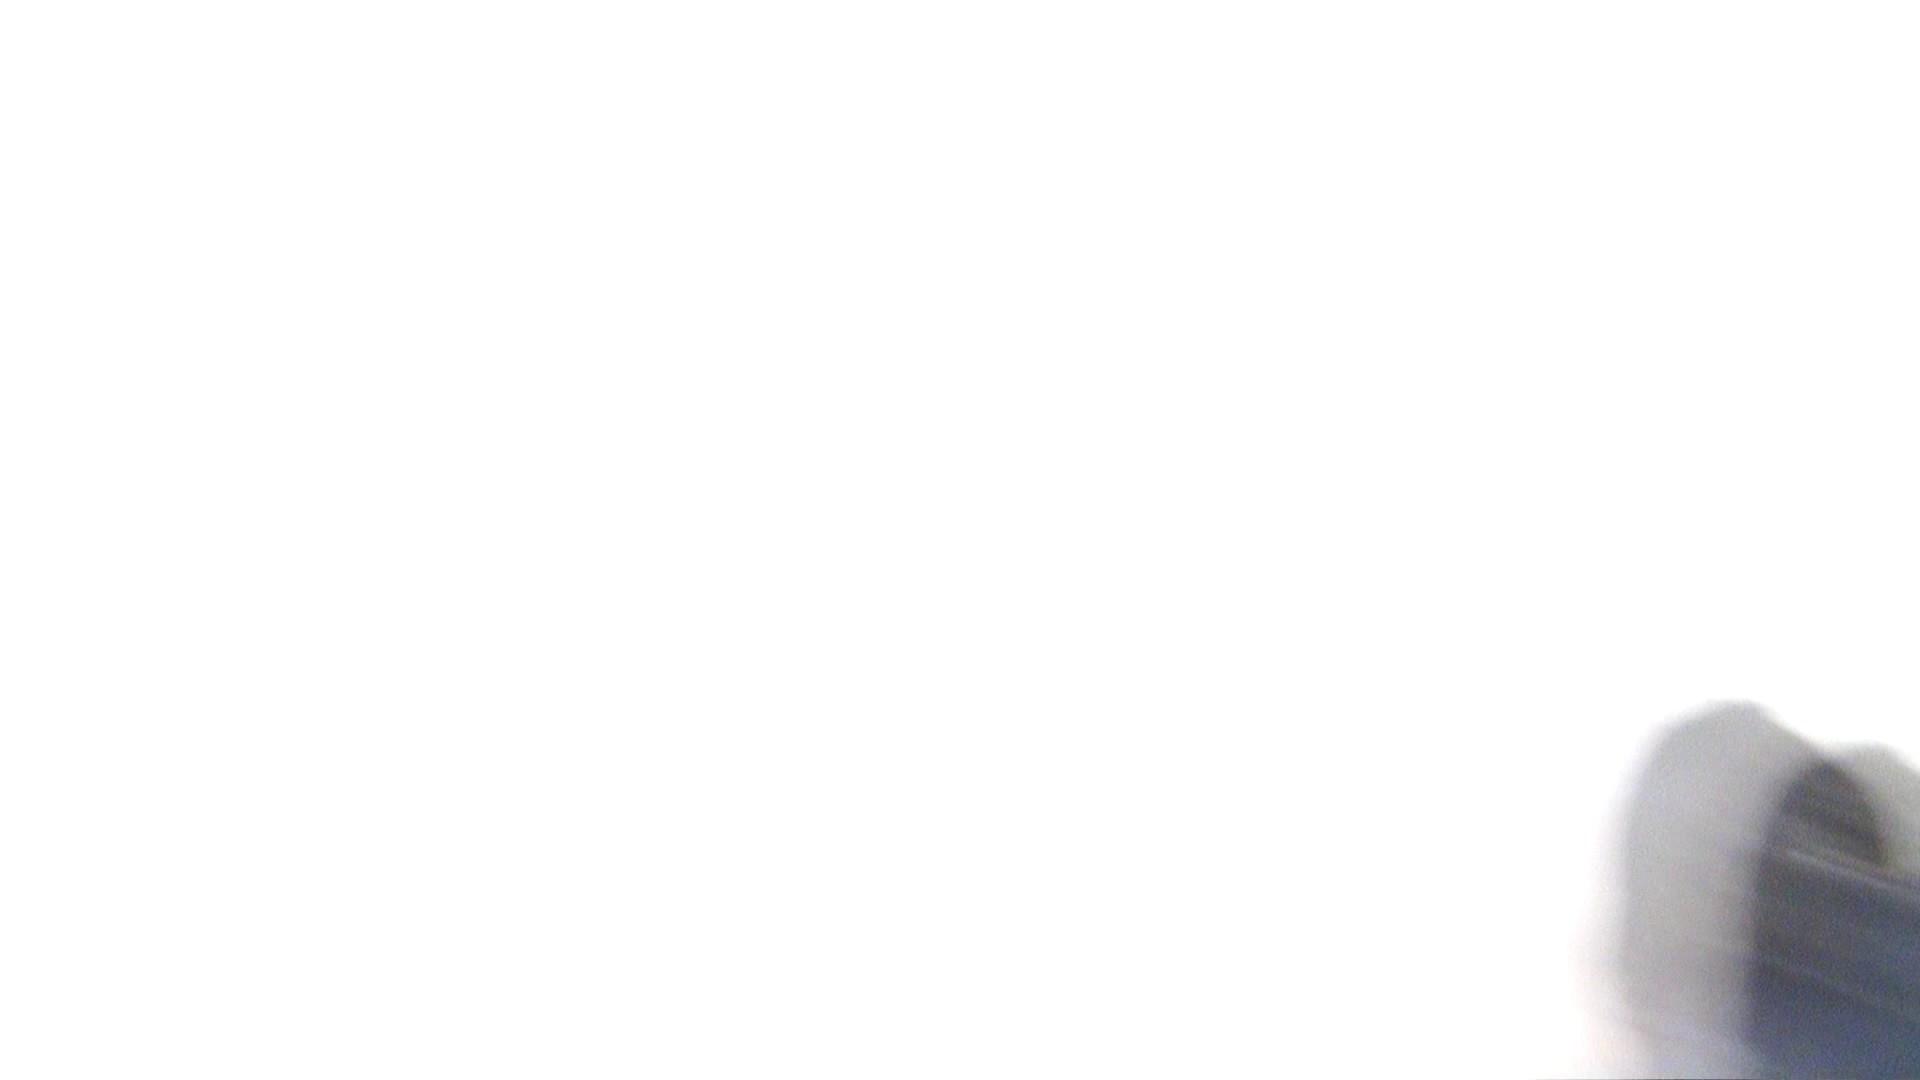 ※100個限定販売 至高下半身盗撮 プレミアム Vol.23 ハイビジョン 洗面所のぞき ヌード画像 110枚 78